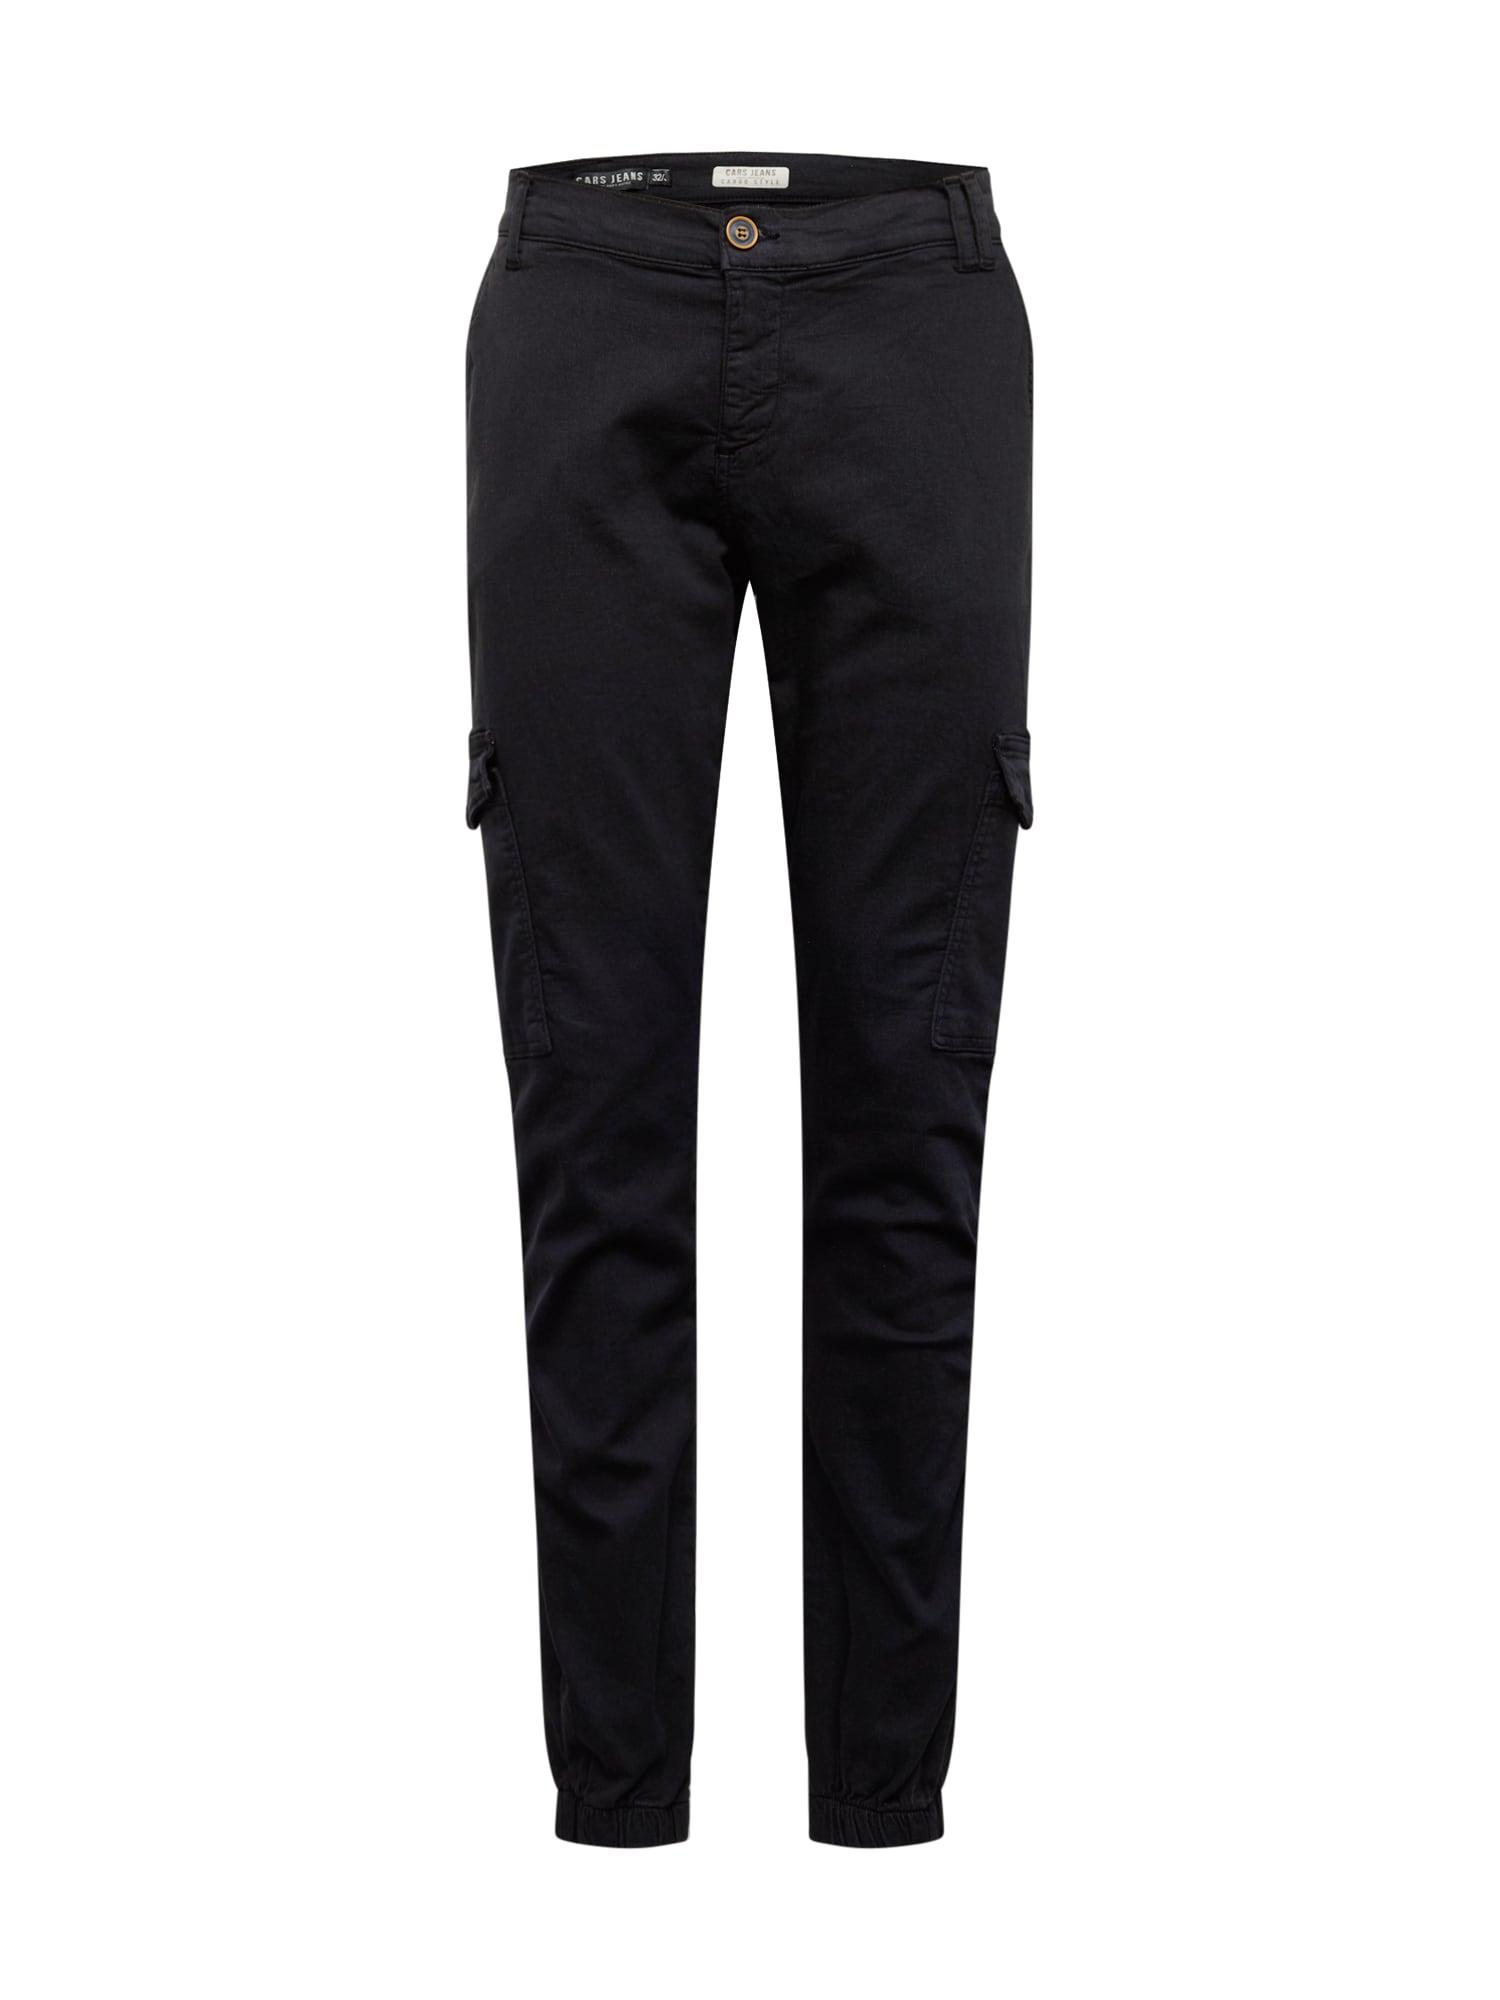 Cars Jeans Darbinio stiliaus kelnės 'JEREZ' juoda